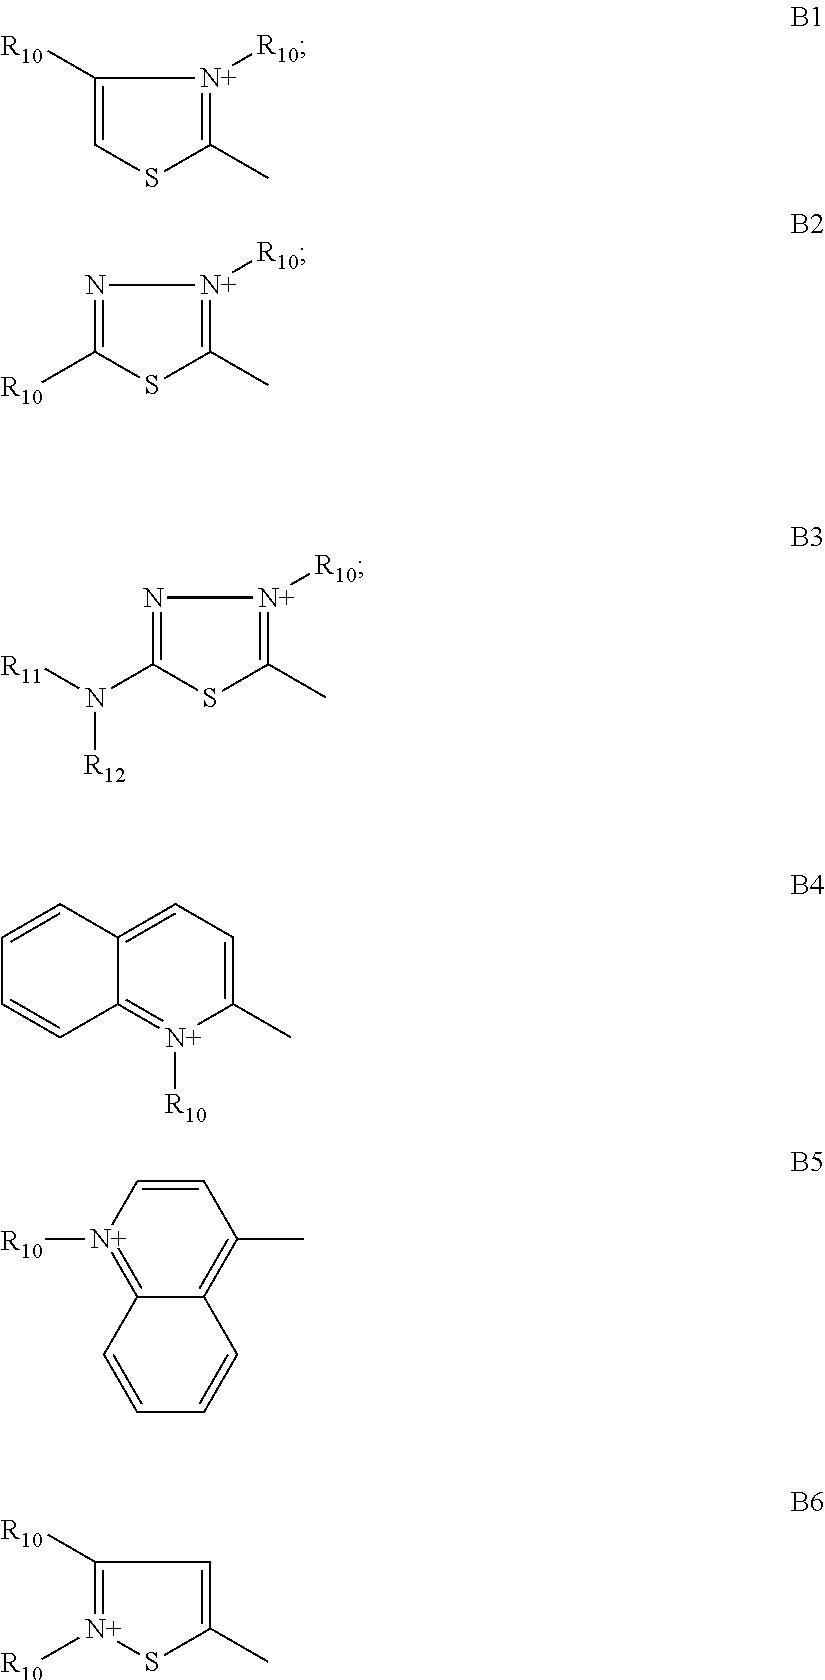 Figure US20110158925A1-20110630-C00017